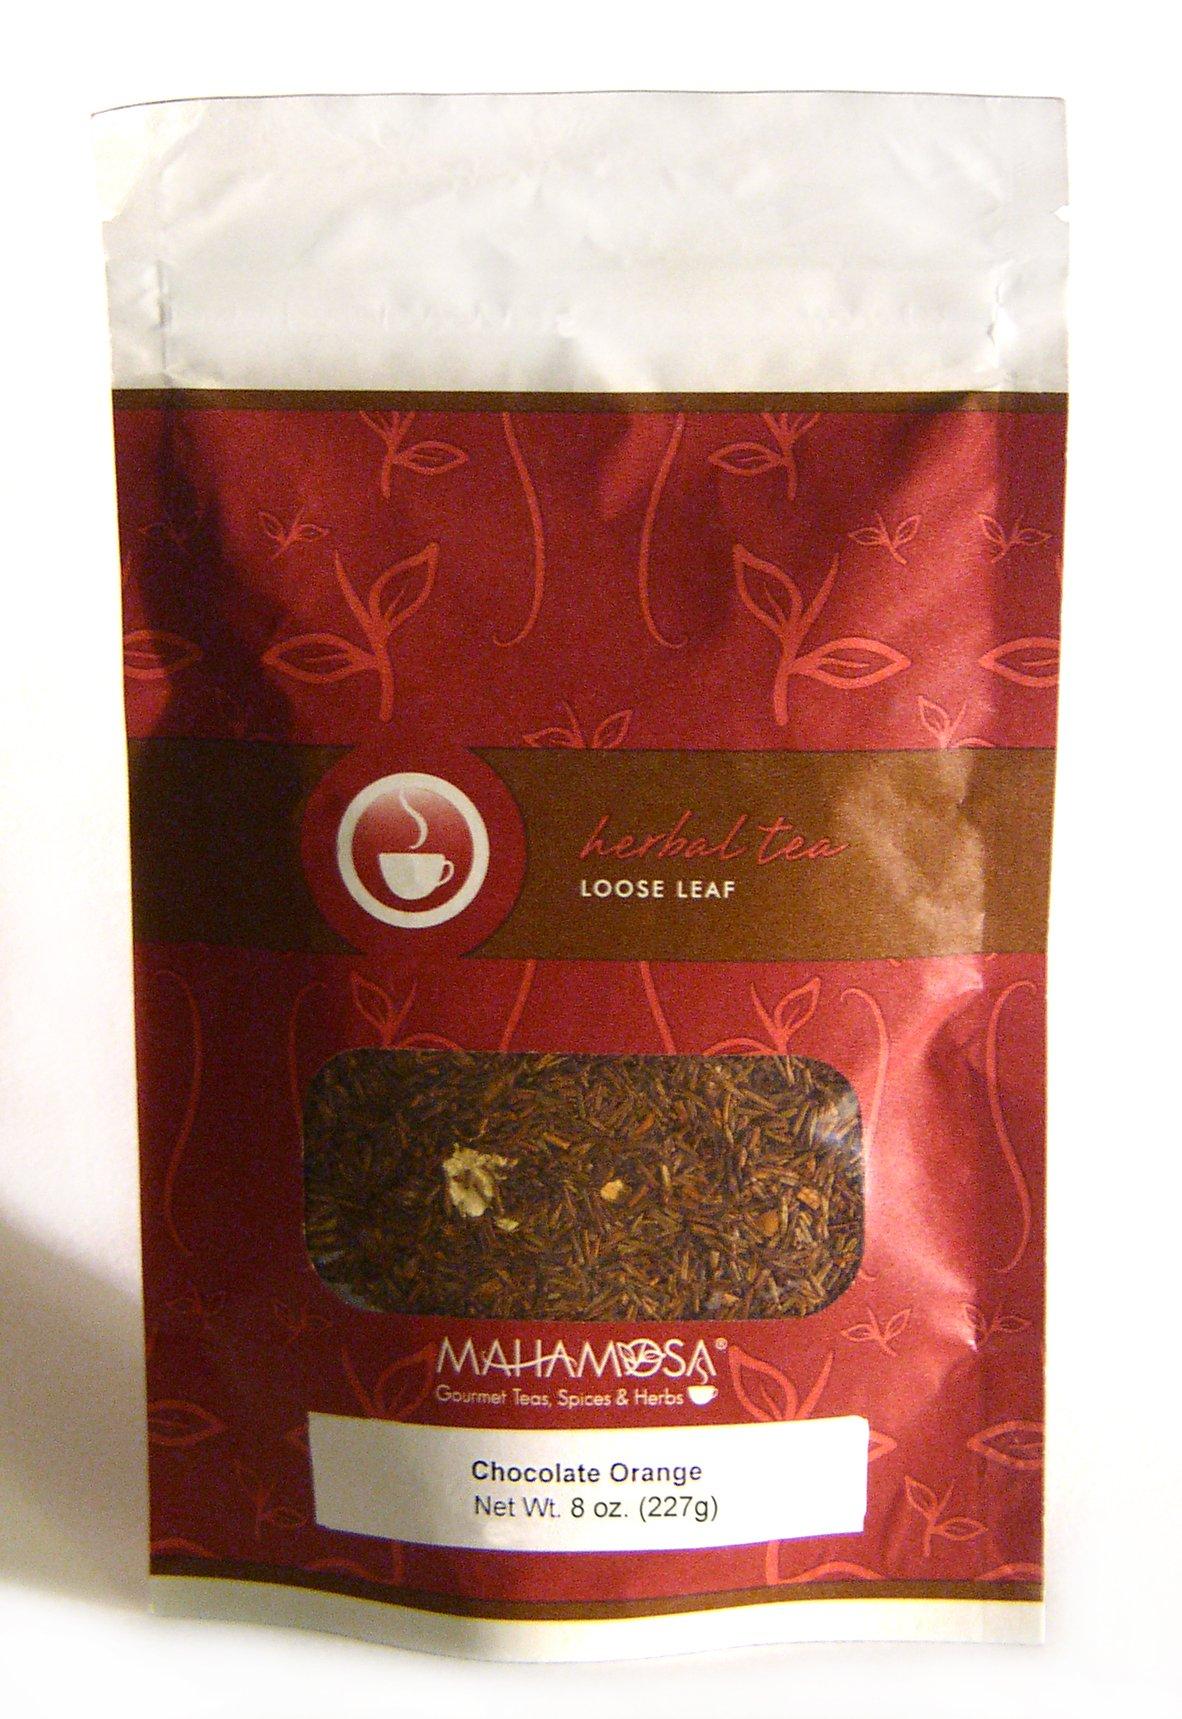 Mahamosa Chocolate Orange Rooibos Tea 8 oz - Loose Leaf Rooibos Herbal Tea Blend (Dessert Tea)